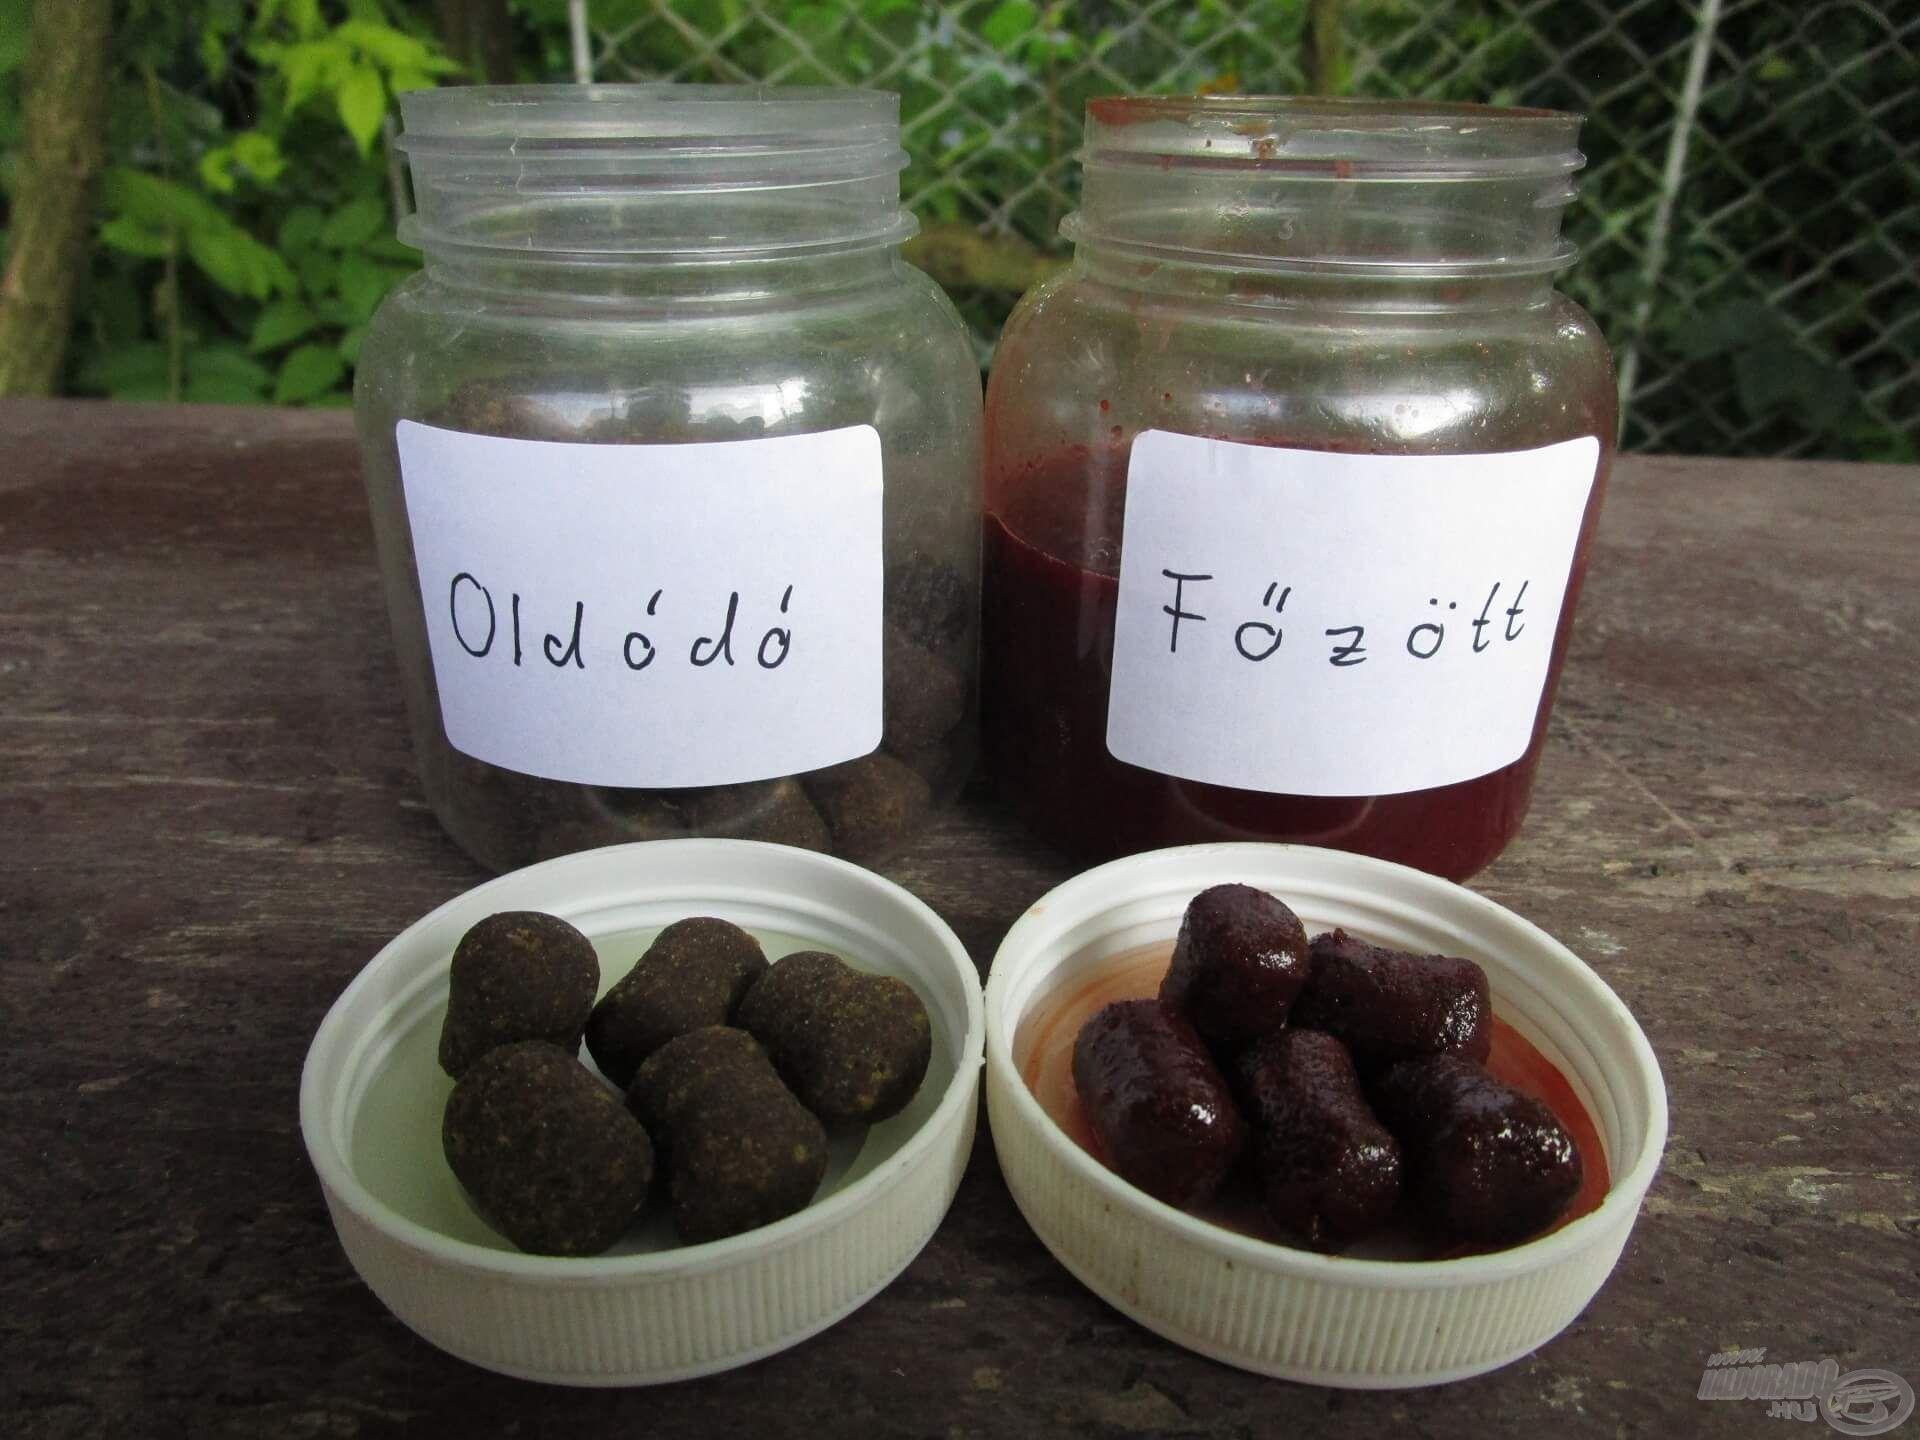 A megfelelő adalékokból és a jó minőségű aromákból akár csalikat is lehet készíteni